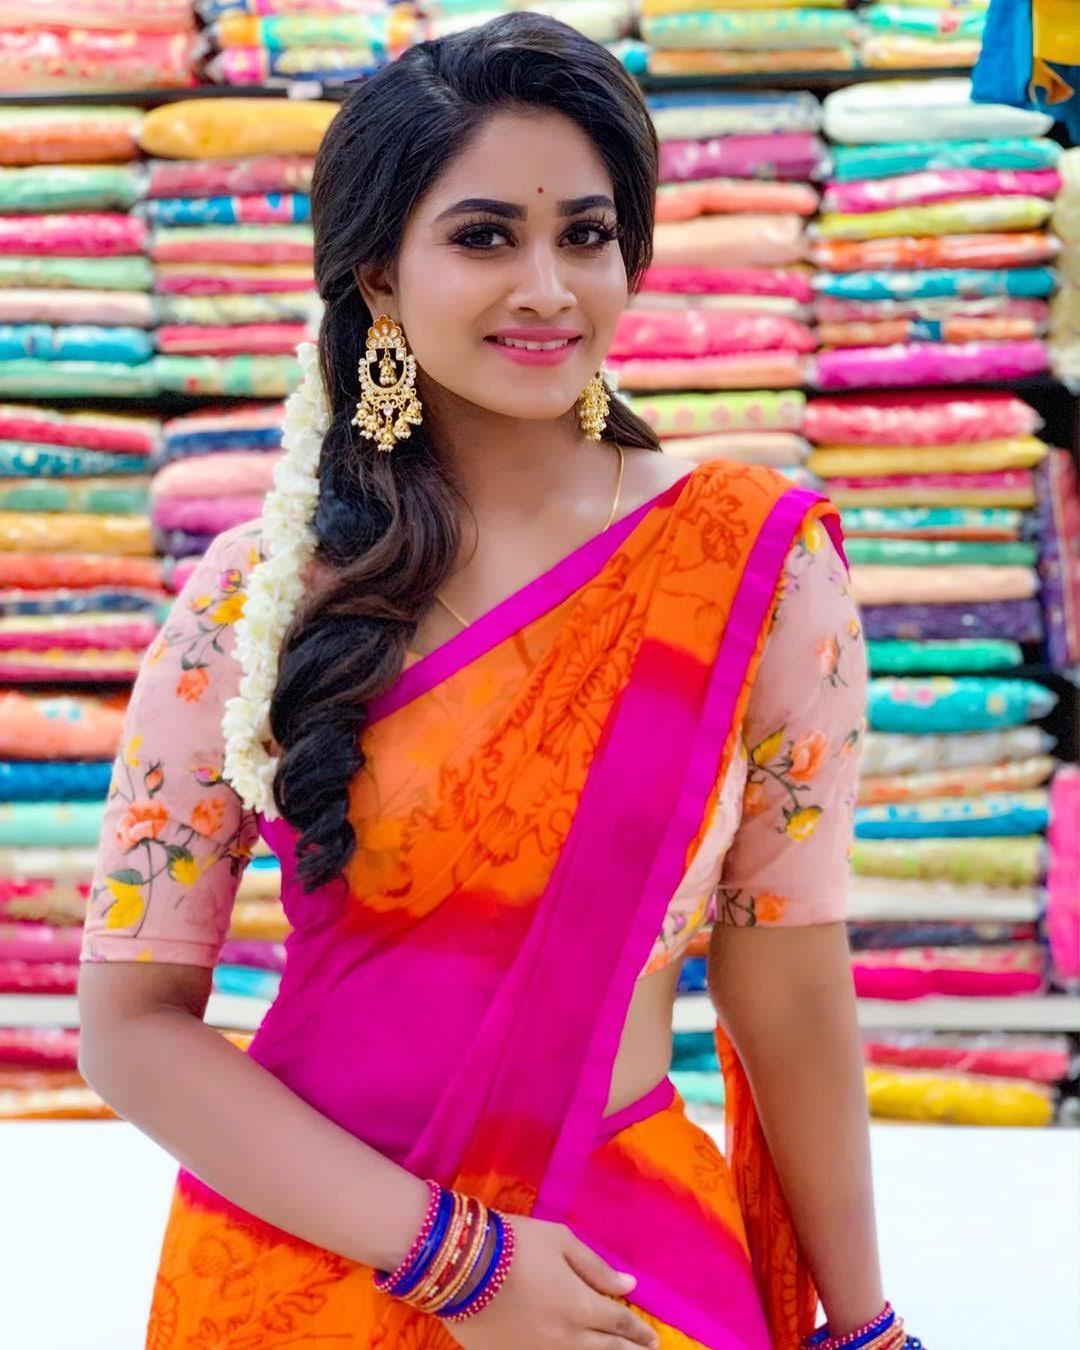 shivani_narayanan_515113250